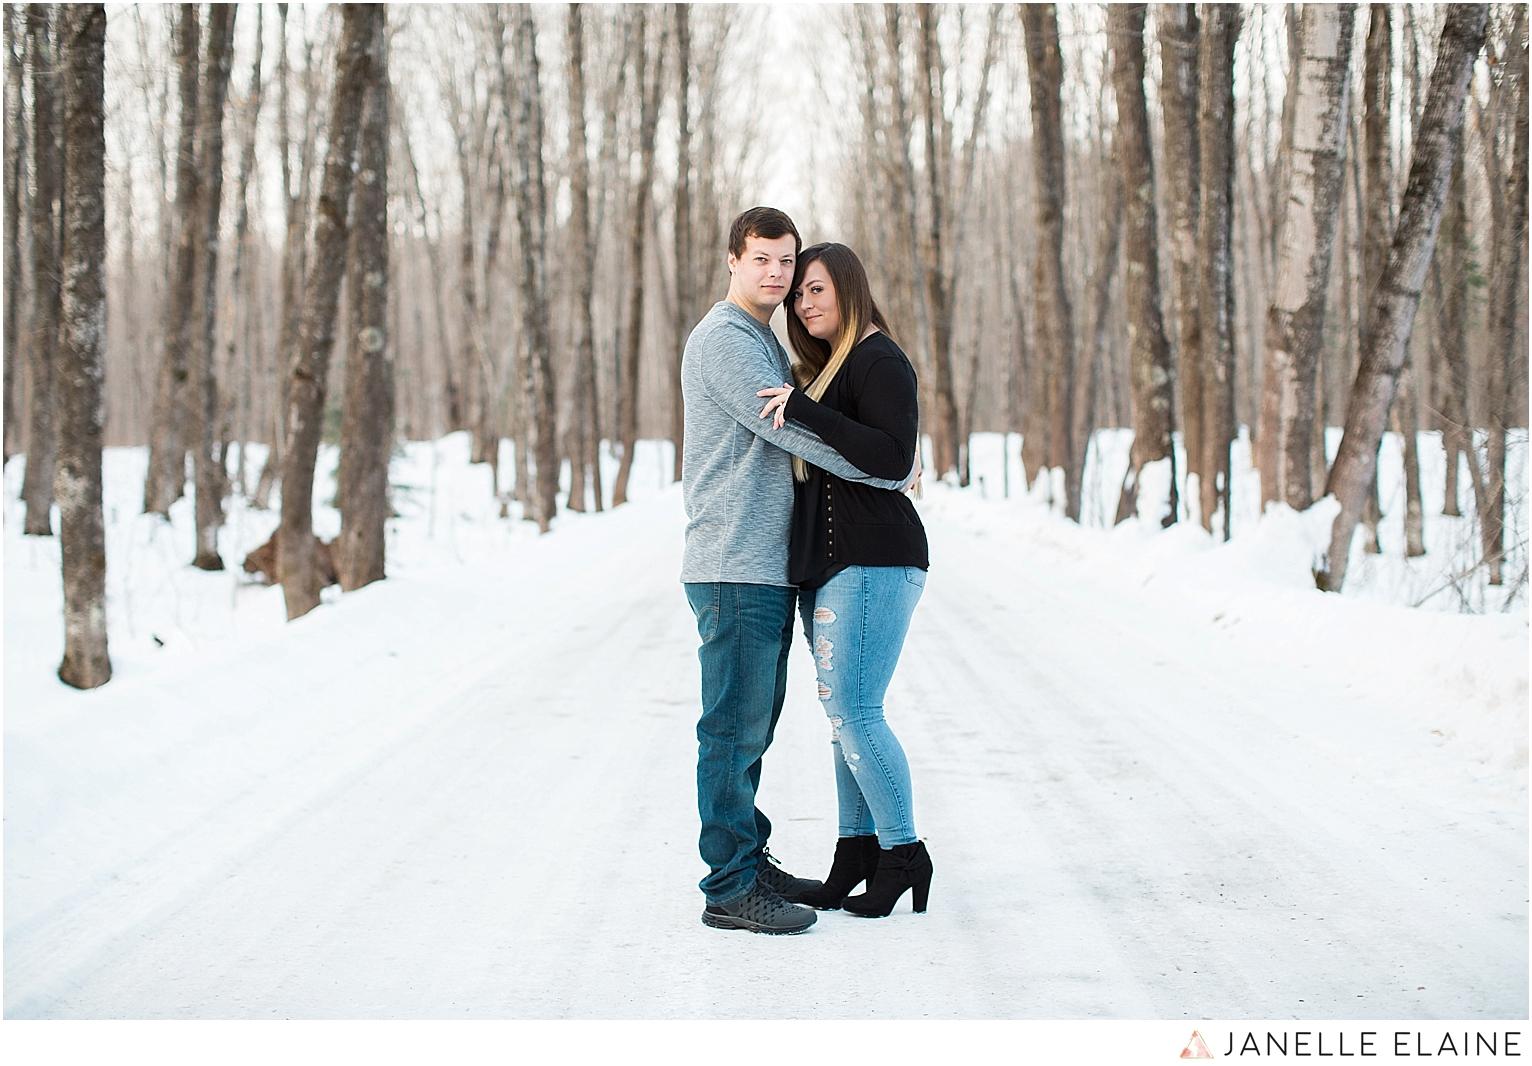 seattle-washington-engagement-photographers-janelle elaine-44.jpg